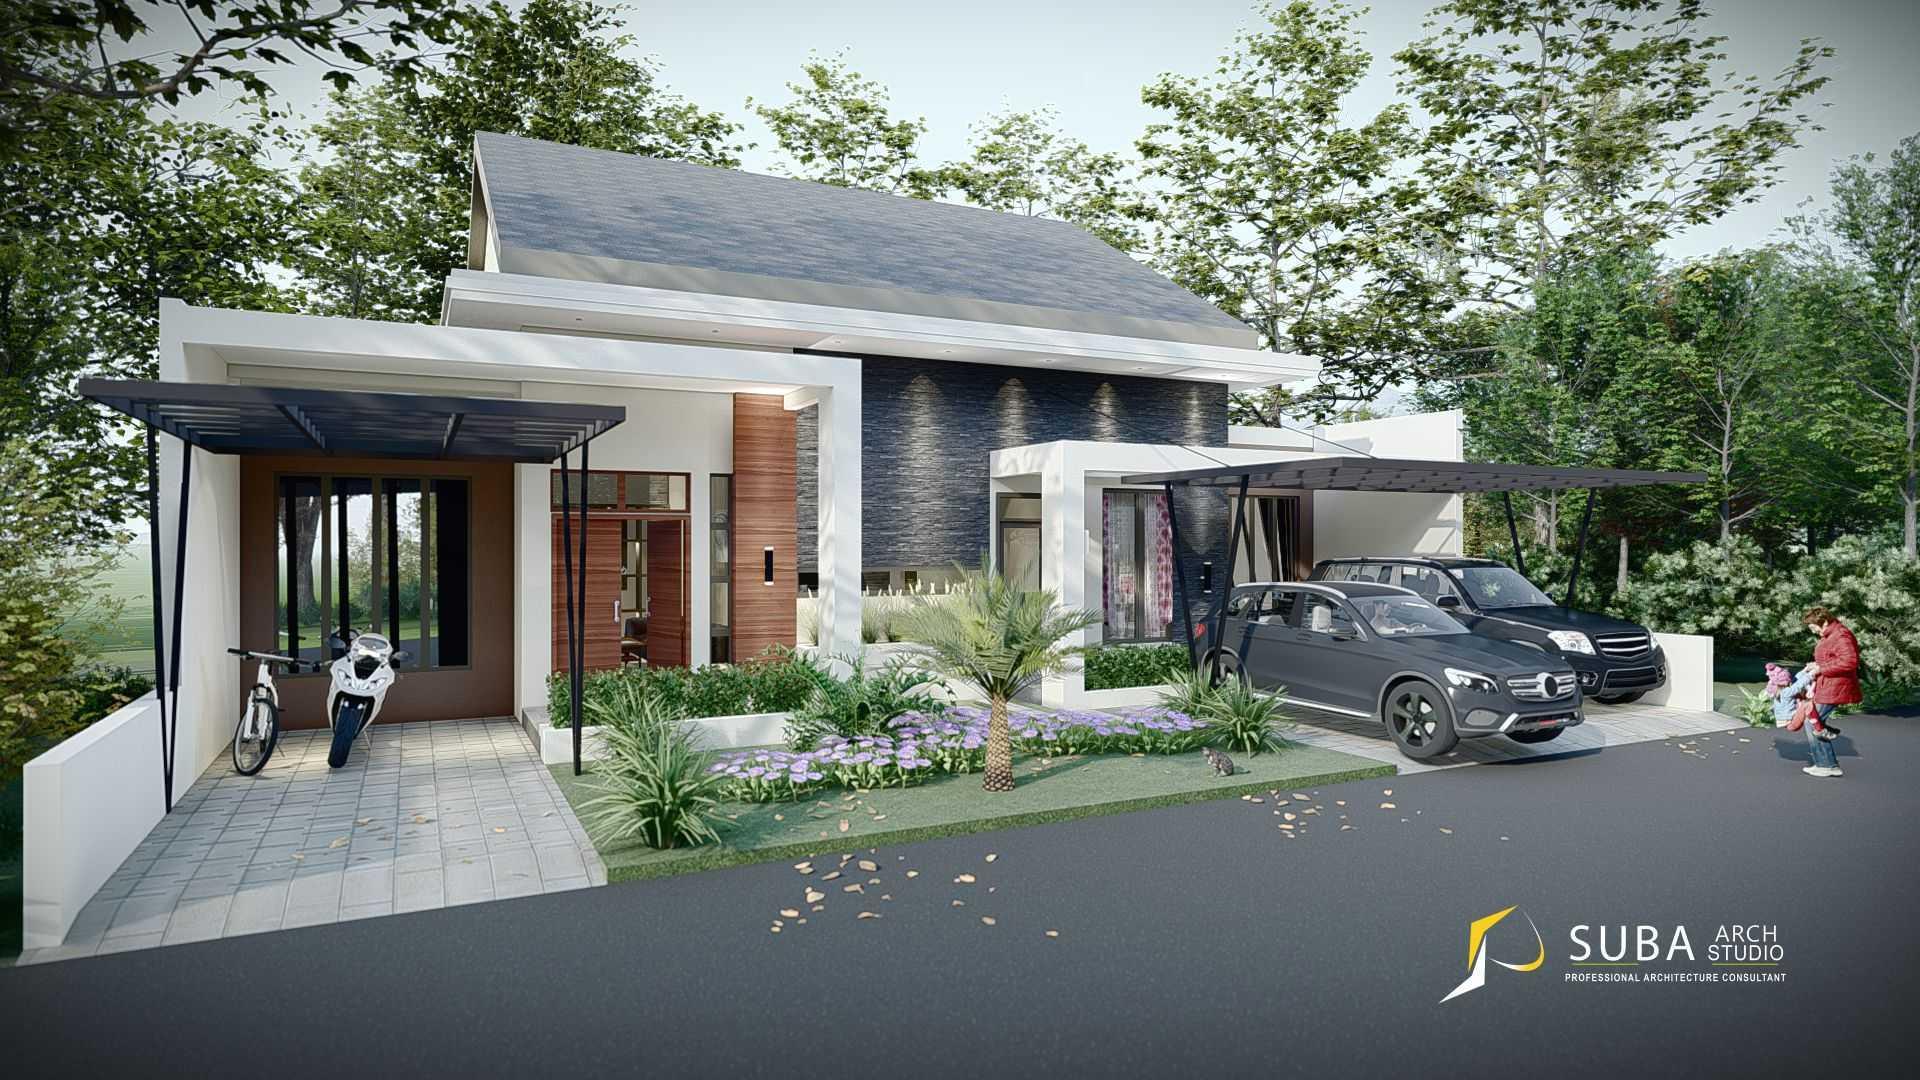 Suba-Arch Se House Tanggerang Selatan Kota Tangerang Selatan, Banten, Indonesia Kota Tangerang Selatan, Banten, Indonesia Suba-Arch-Se-House-Tanggerang-Selatan  81307